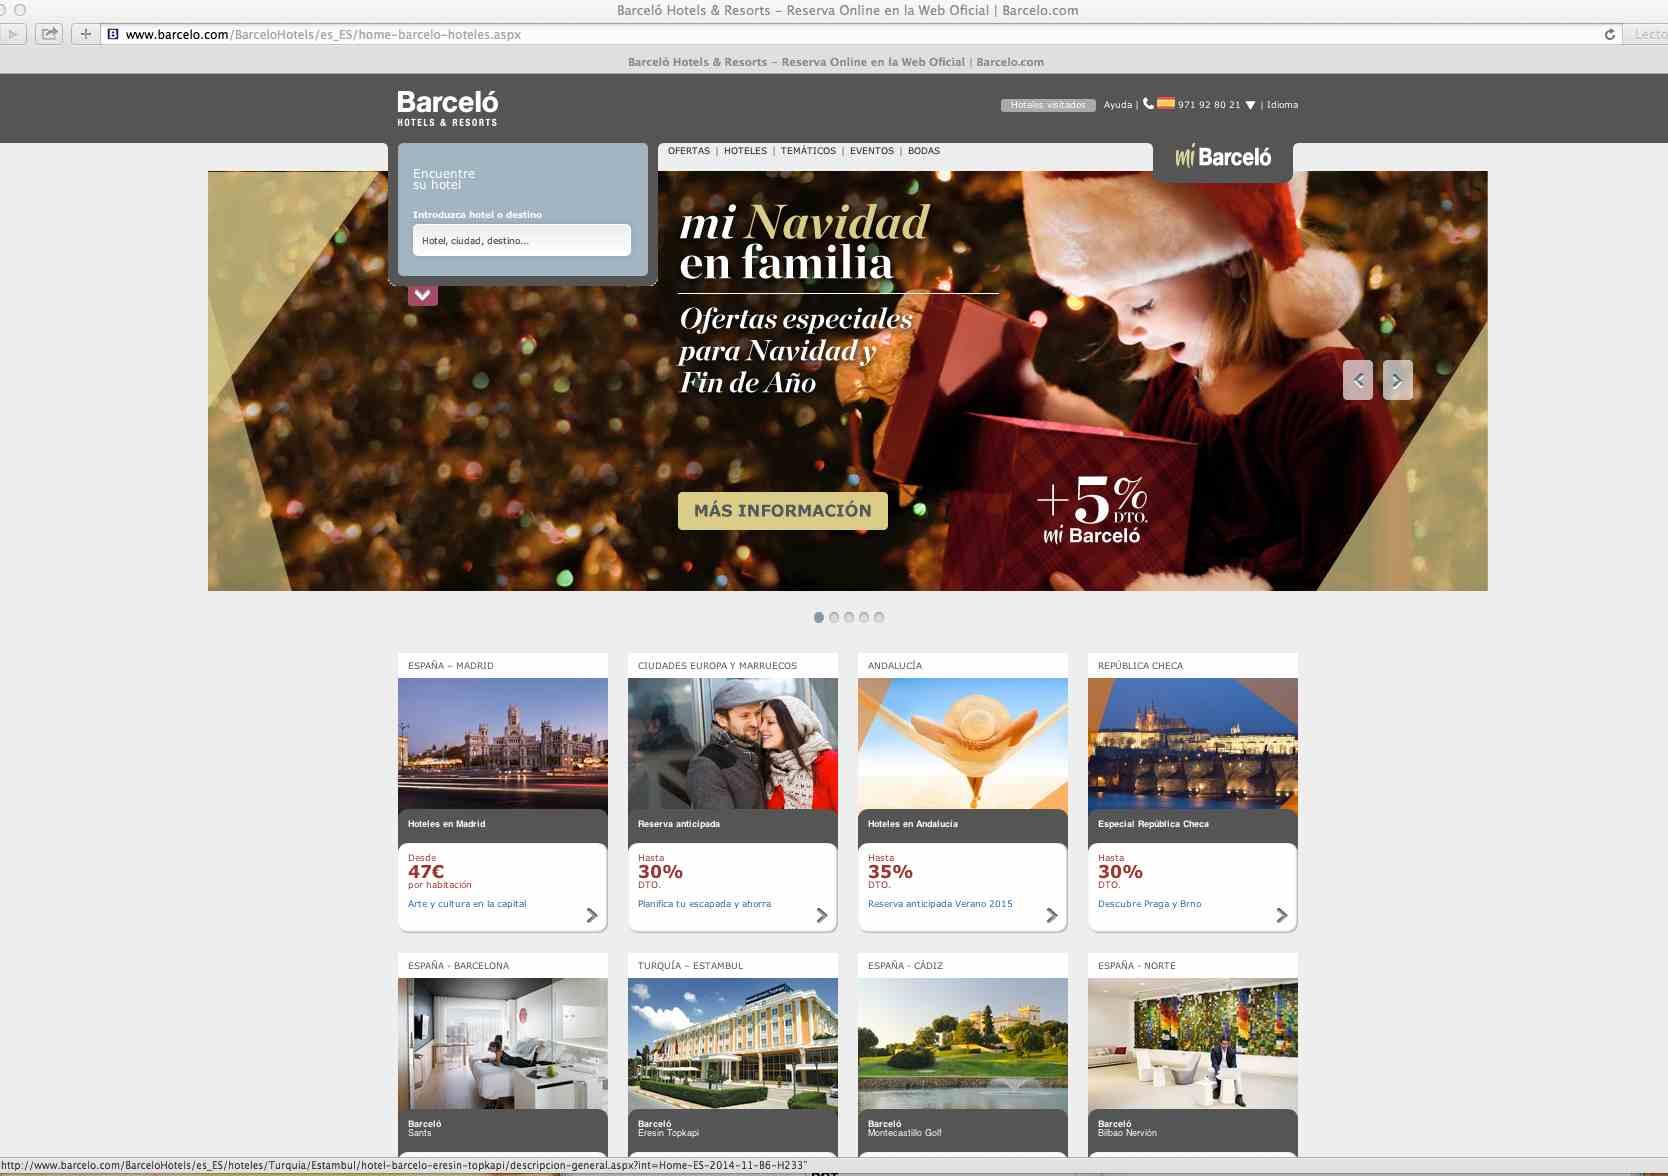 Nueva web de Barceló Hoteles y programas para familias